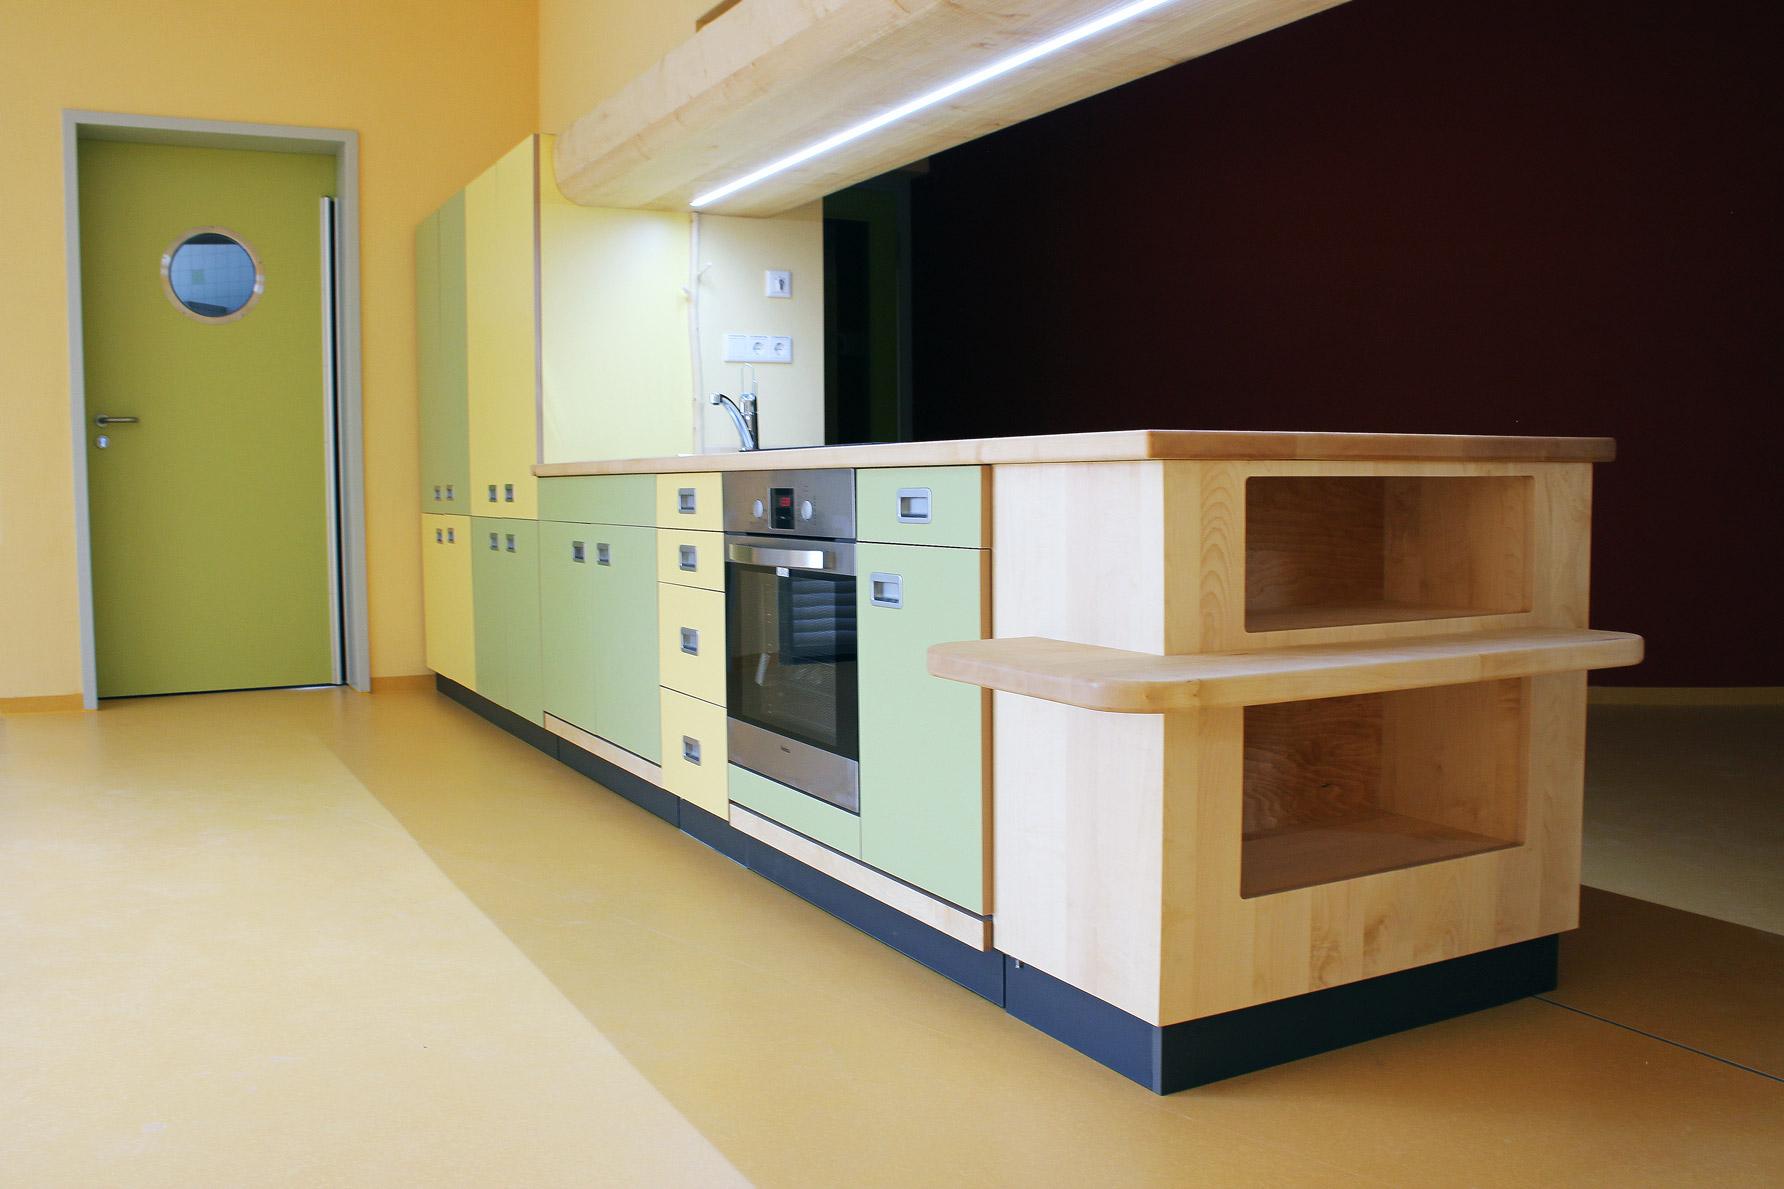 Foto Kücheneinrichtung vom Möbeltischler für Kindertagesstätte in Zwickau